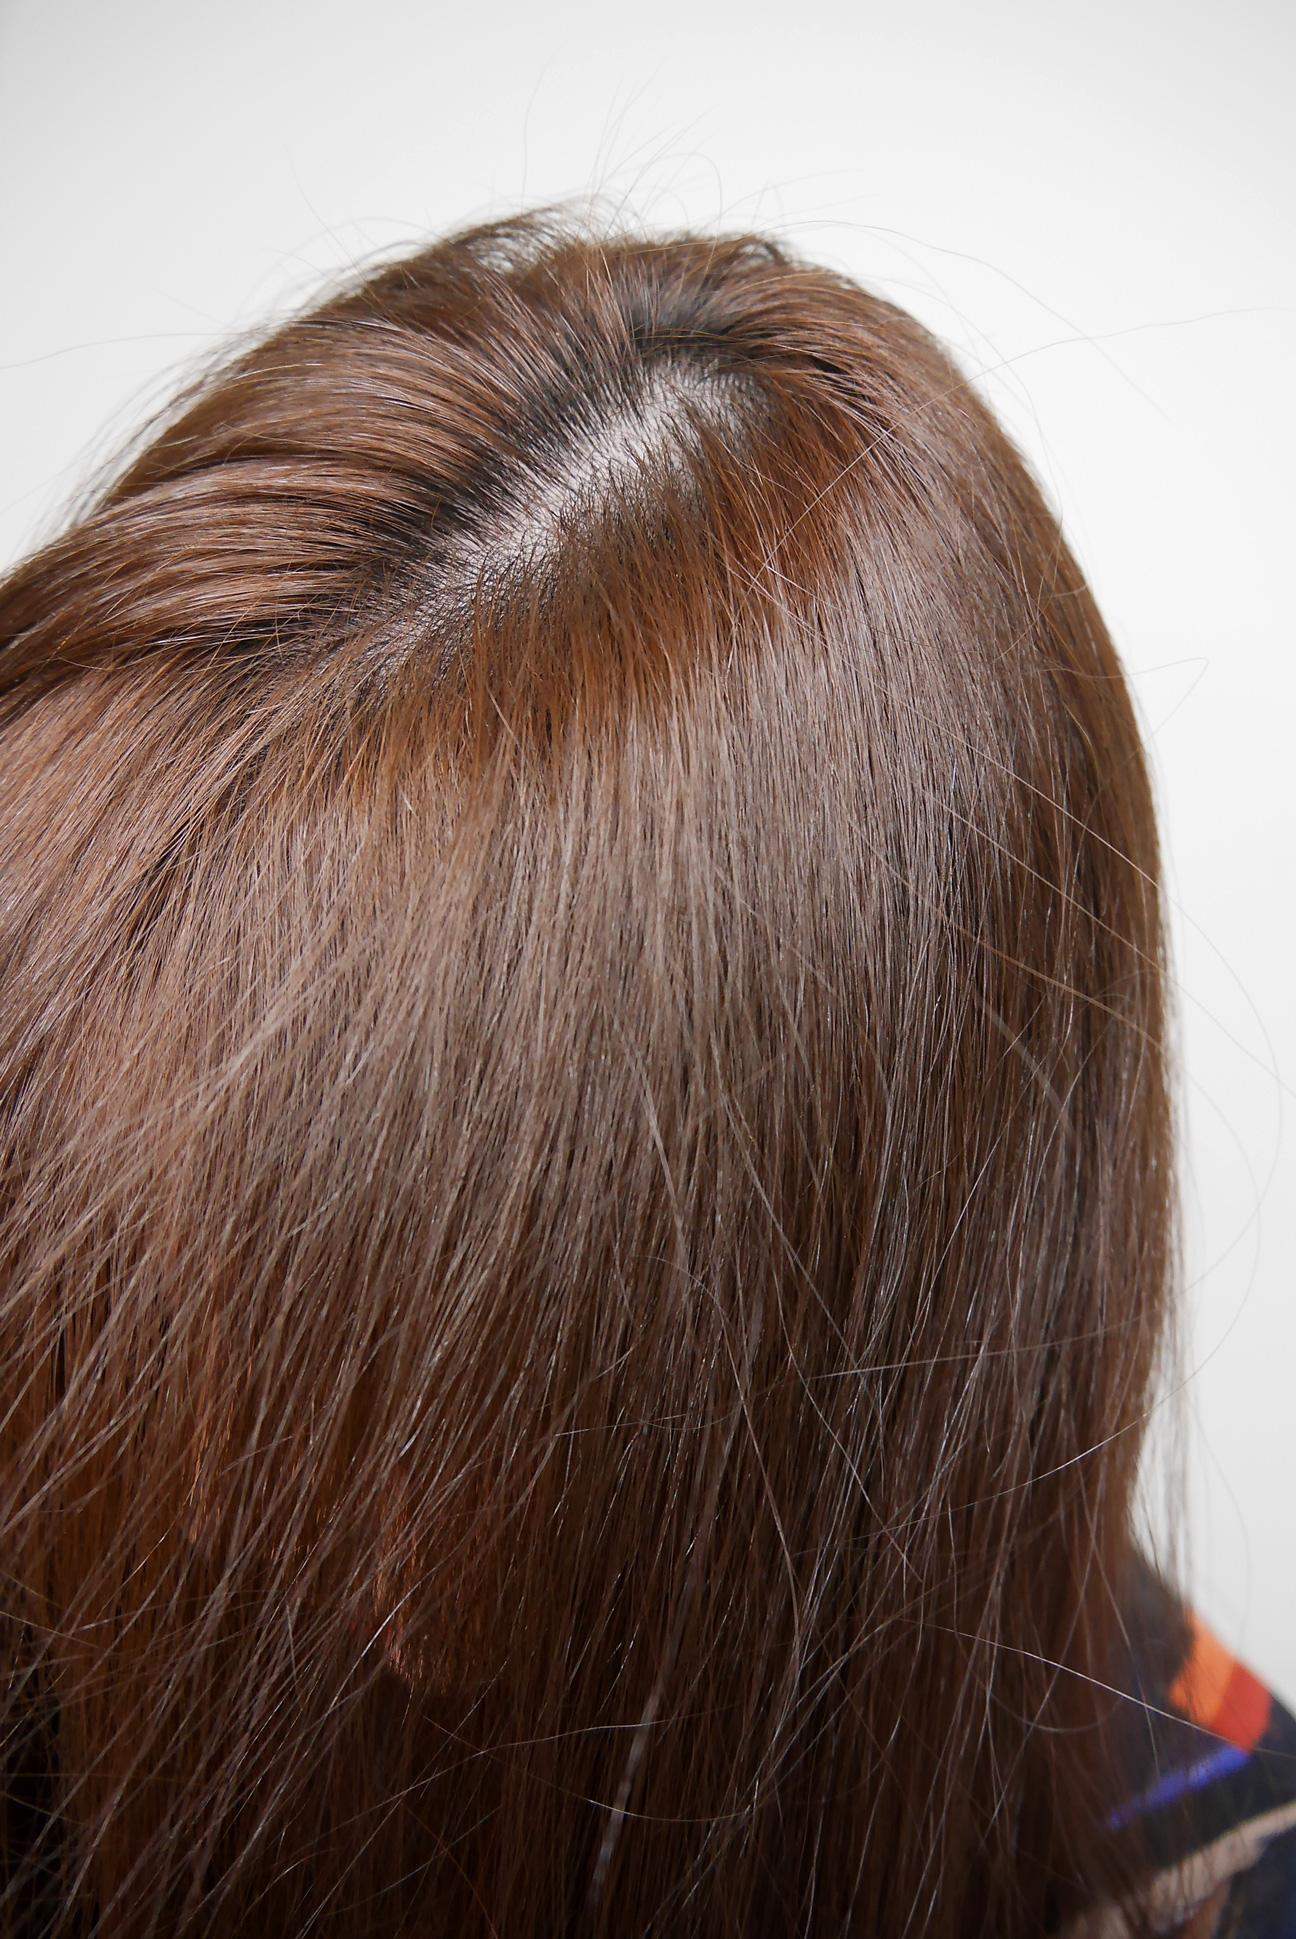 hair-(17).jpg